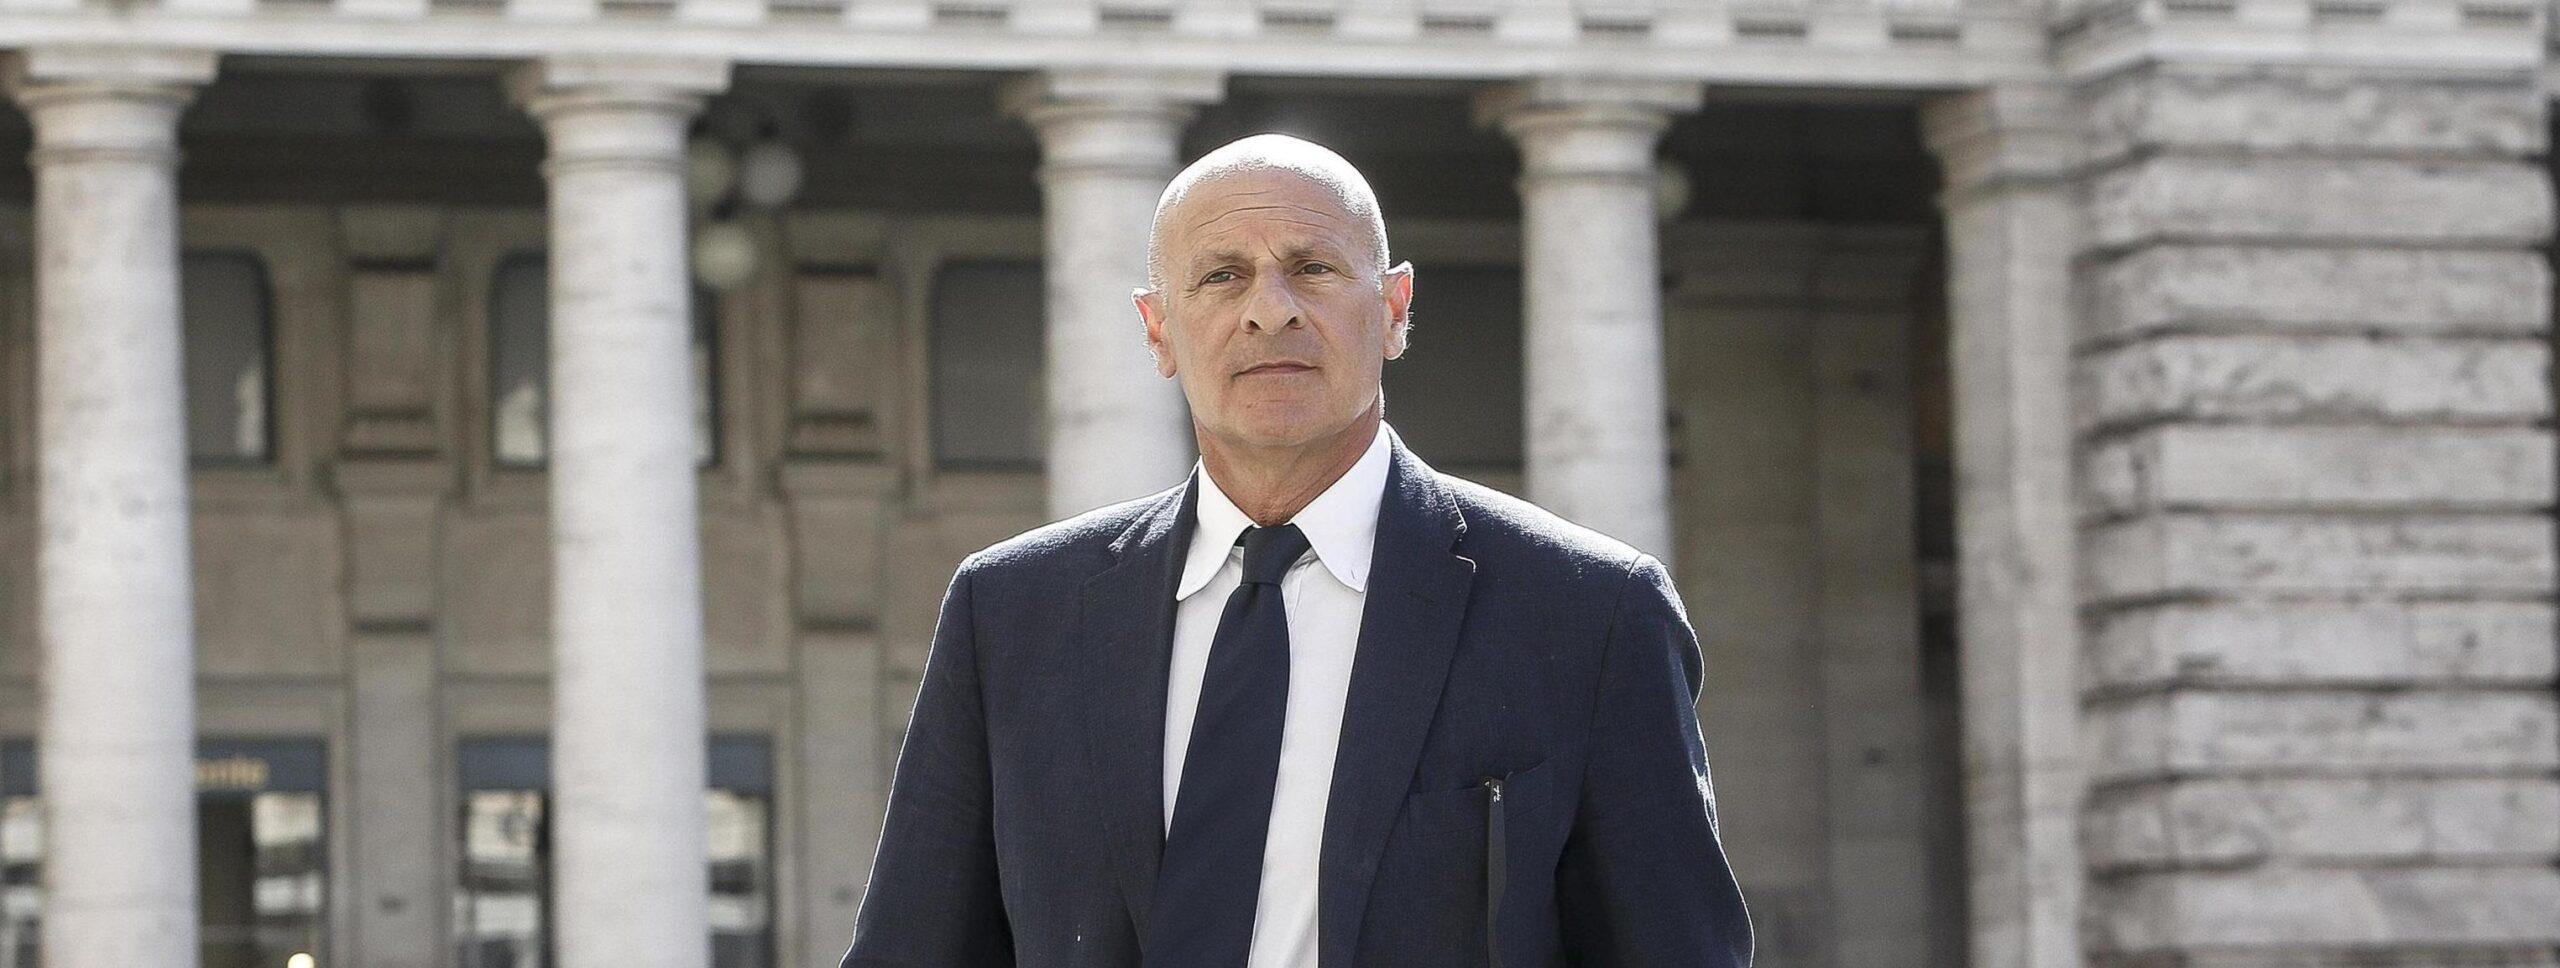 vicepresidente della Camera dei deputati Fabio Rampelli